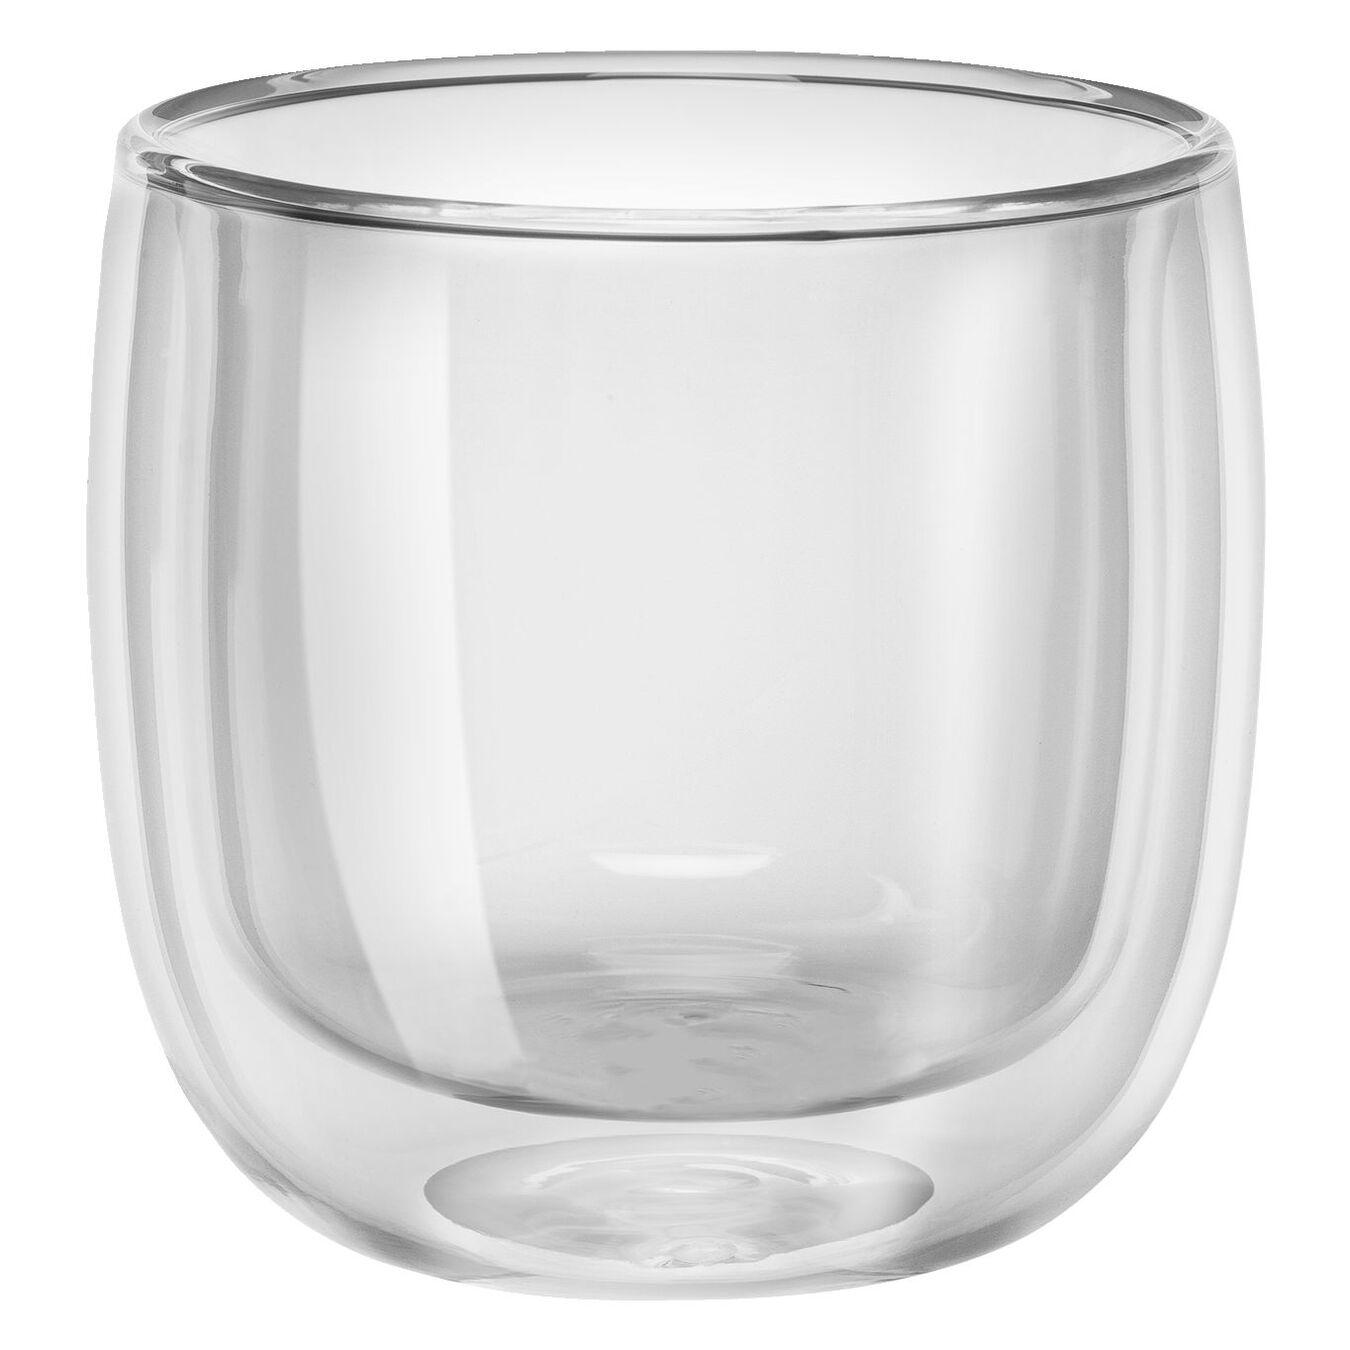 Teeglasset 250 ml,,large 6